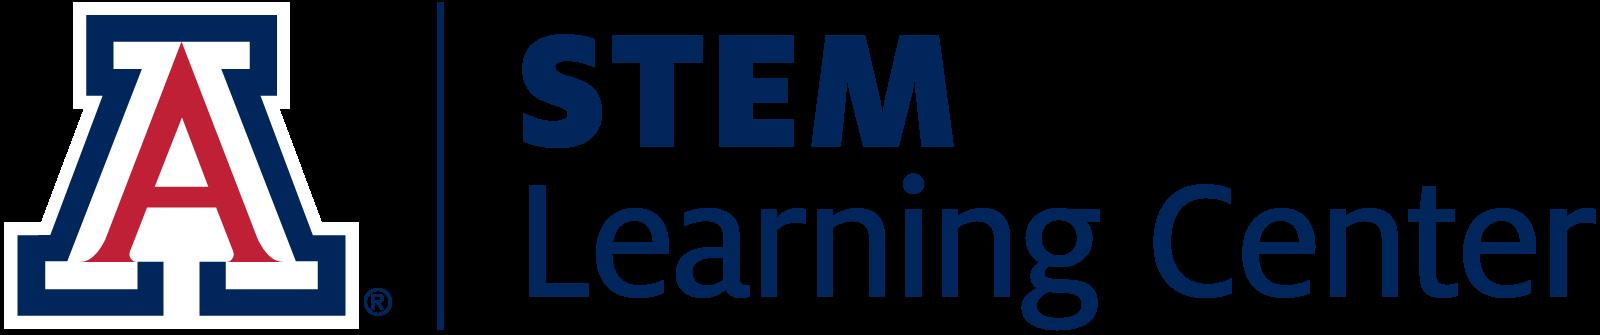 UA STEM Learning Center